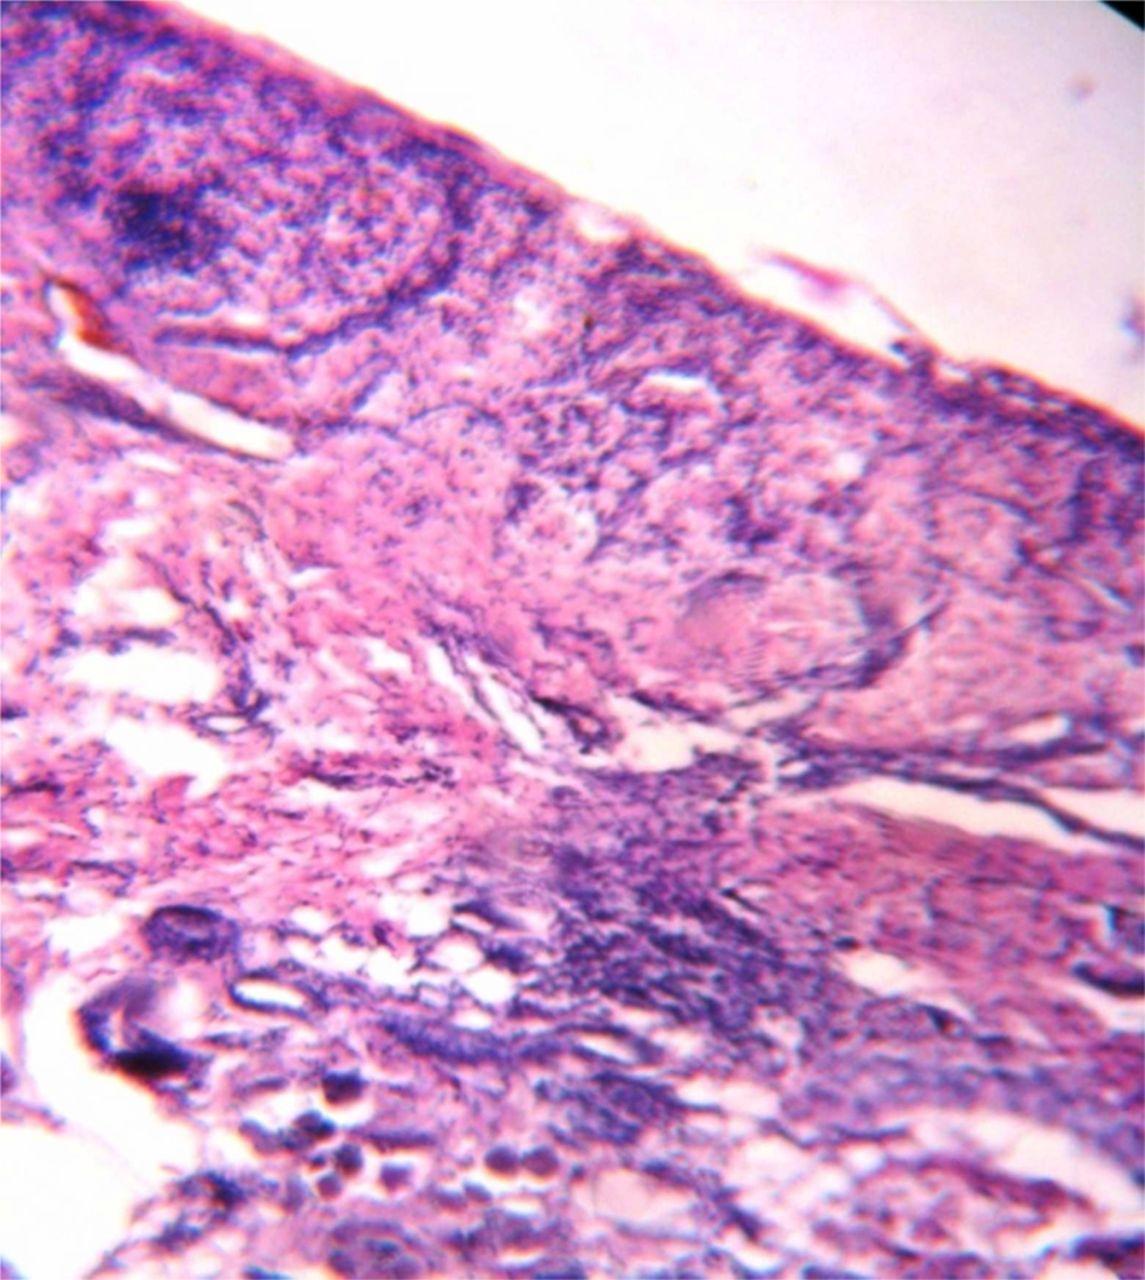 Juvenile Oral Lichen Planus: A Clinical Rarity -- Chaitra